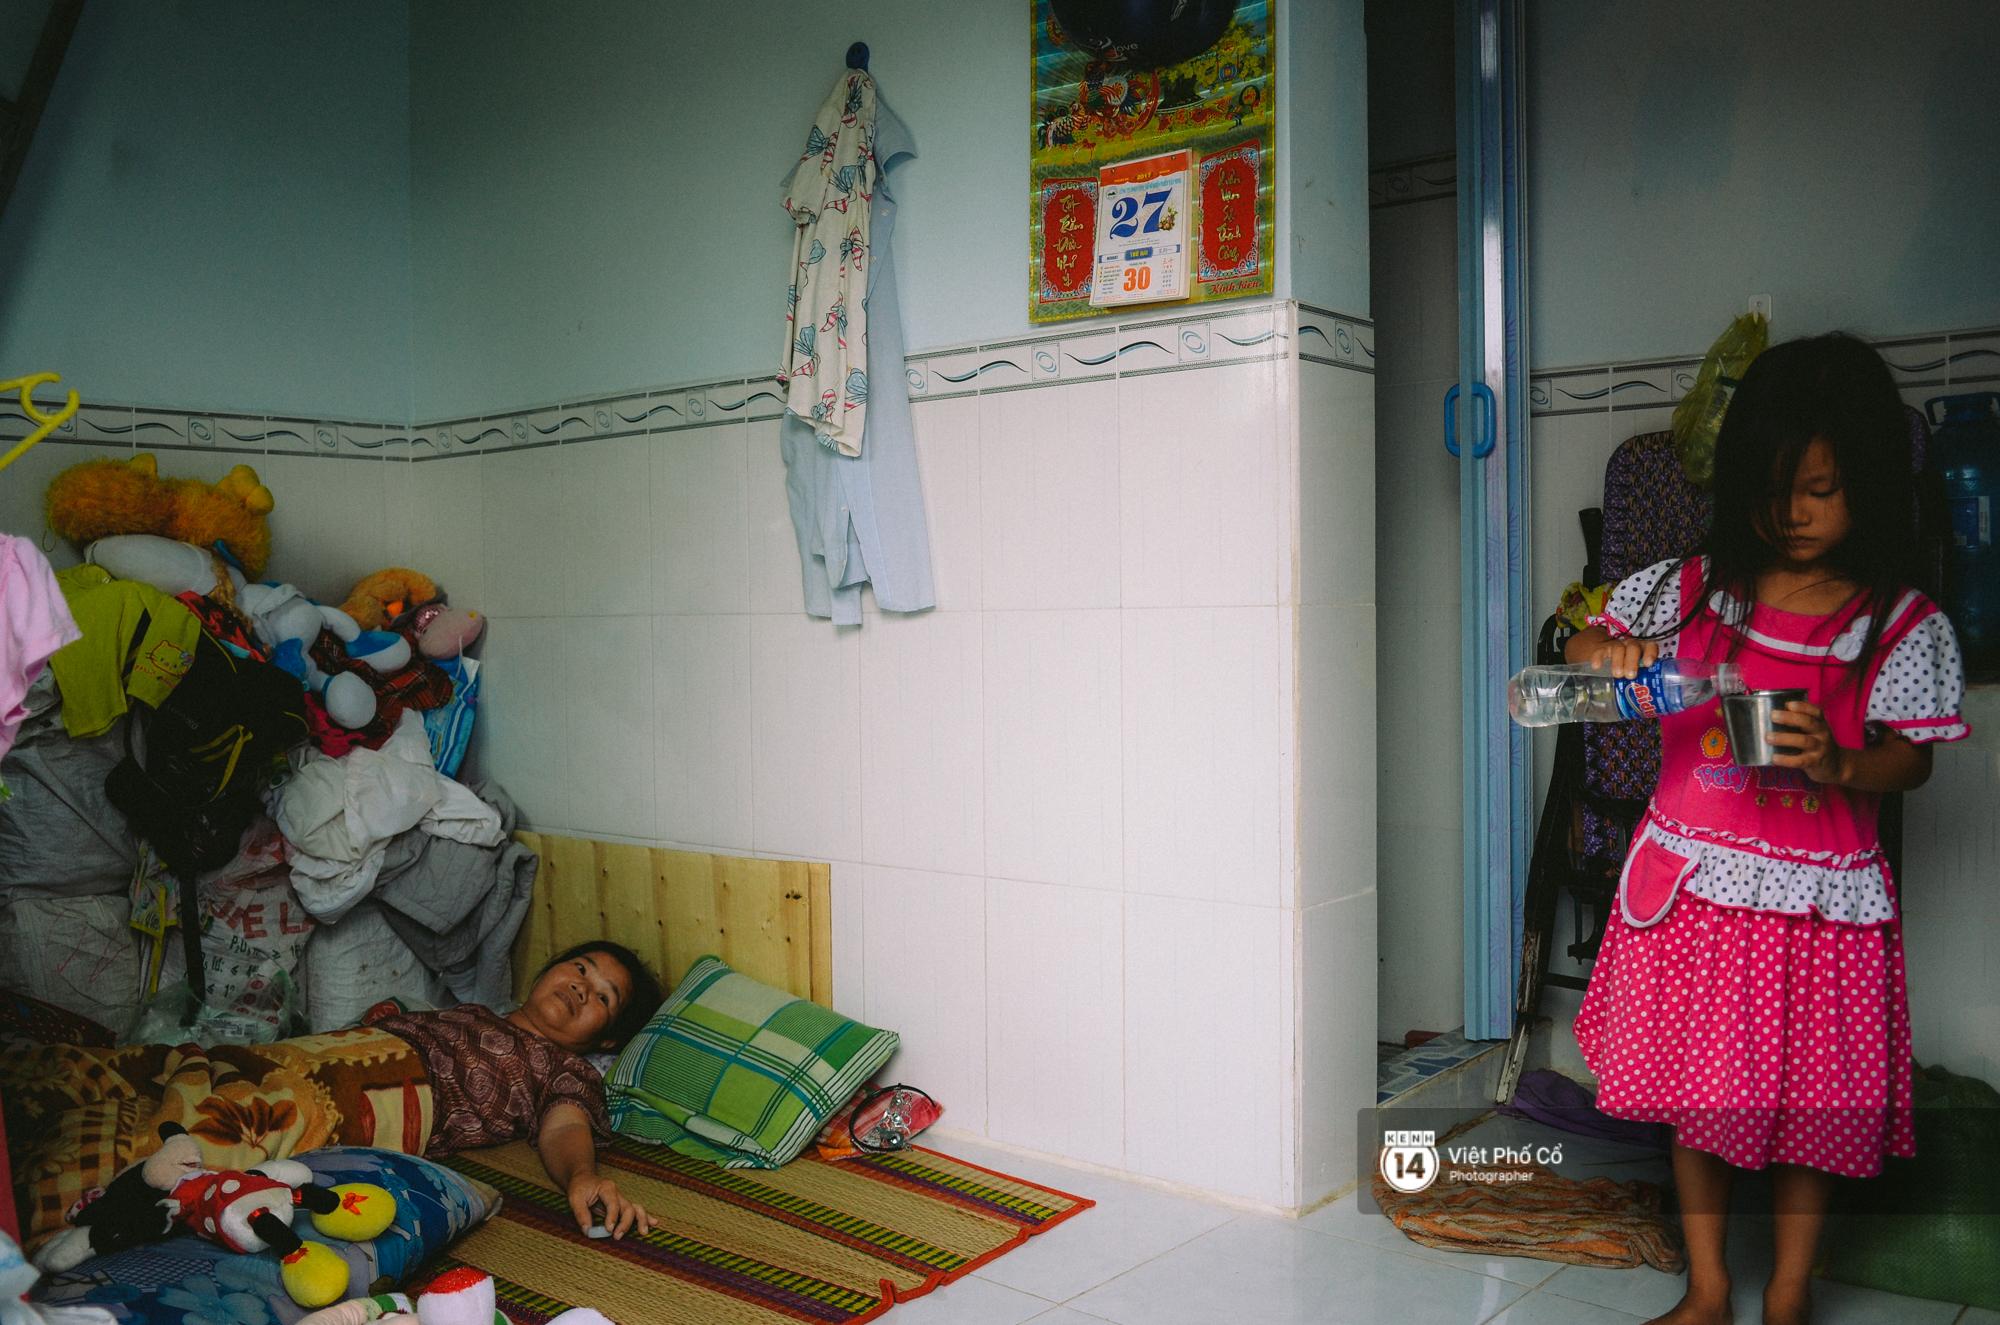 Gia đình vé số Sài Gòn: Ba mẹ ăn chuối luộc thay cơm, hai con gái không biết đến thịt cá - Ảnh 8.